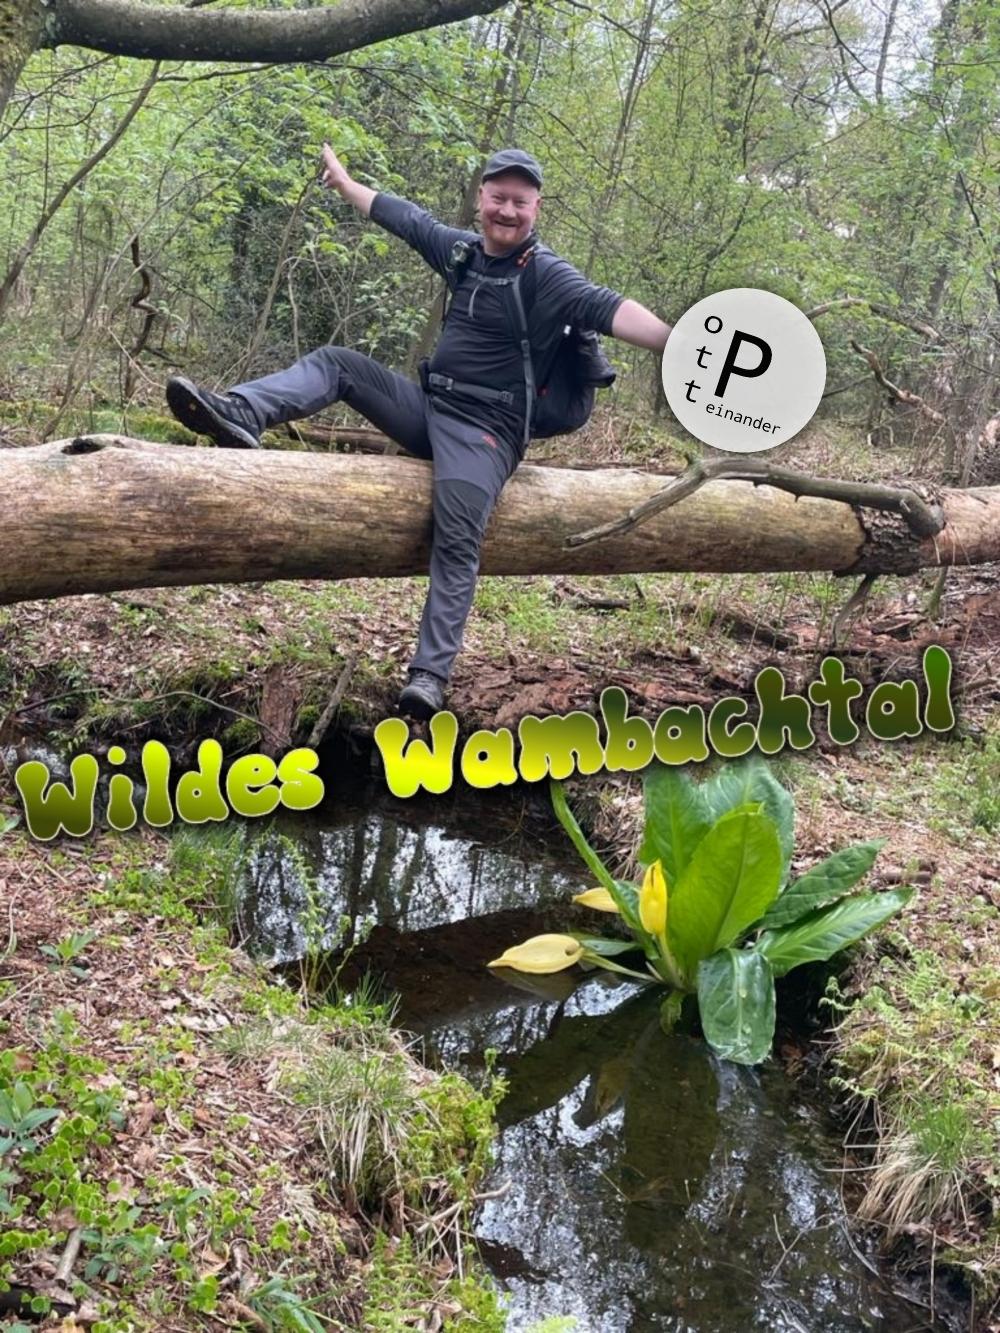 Wildes Wambachtal!